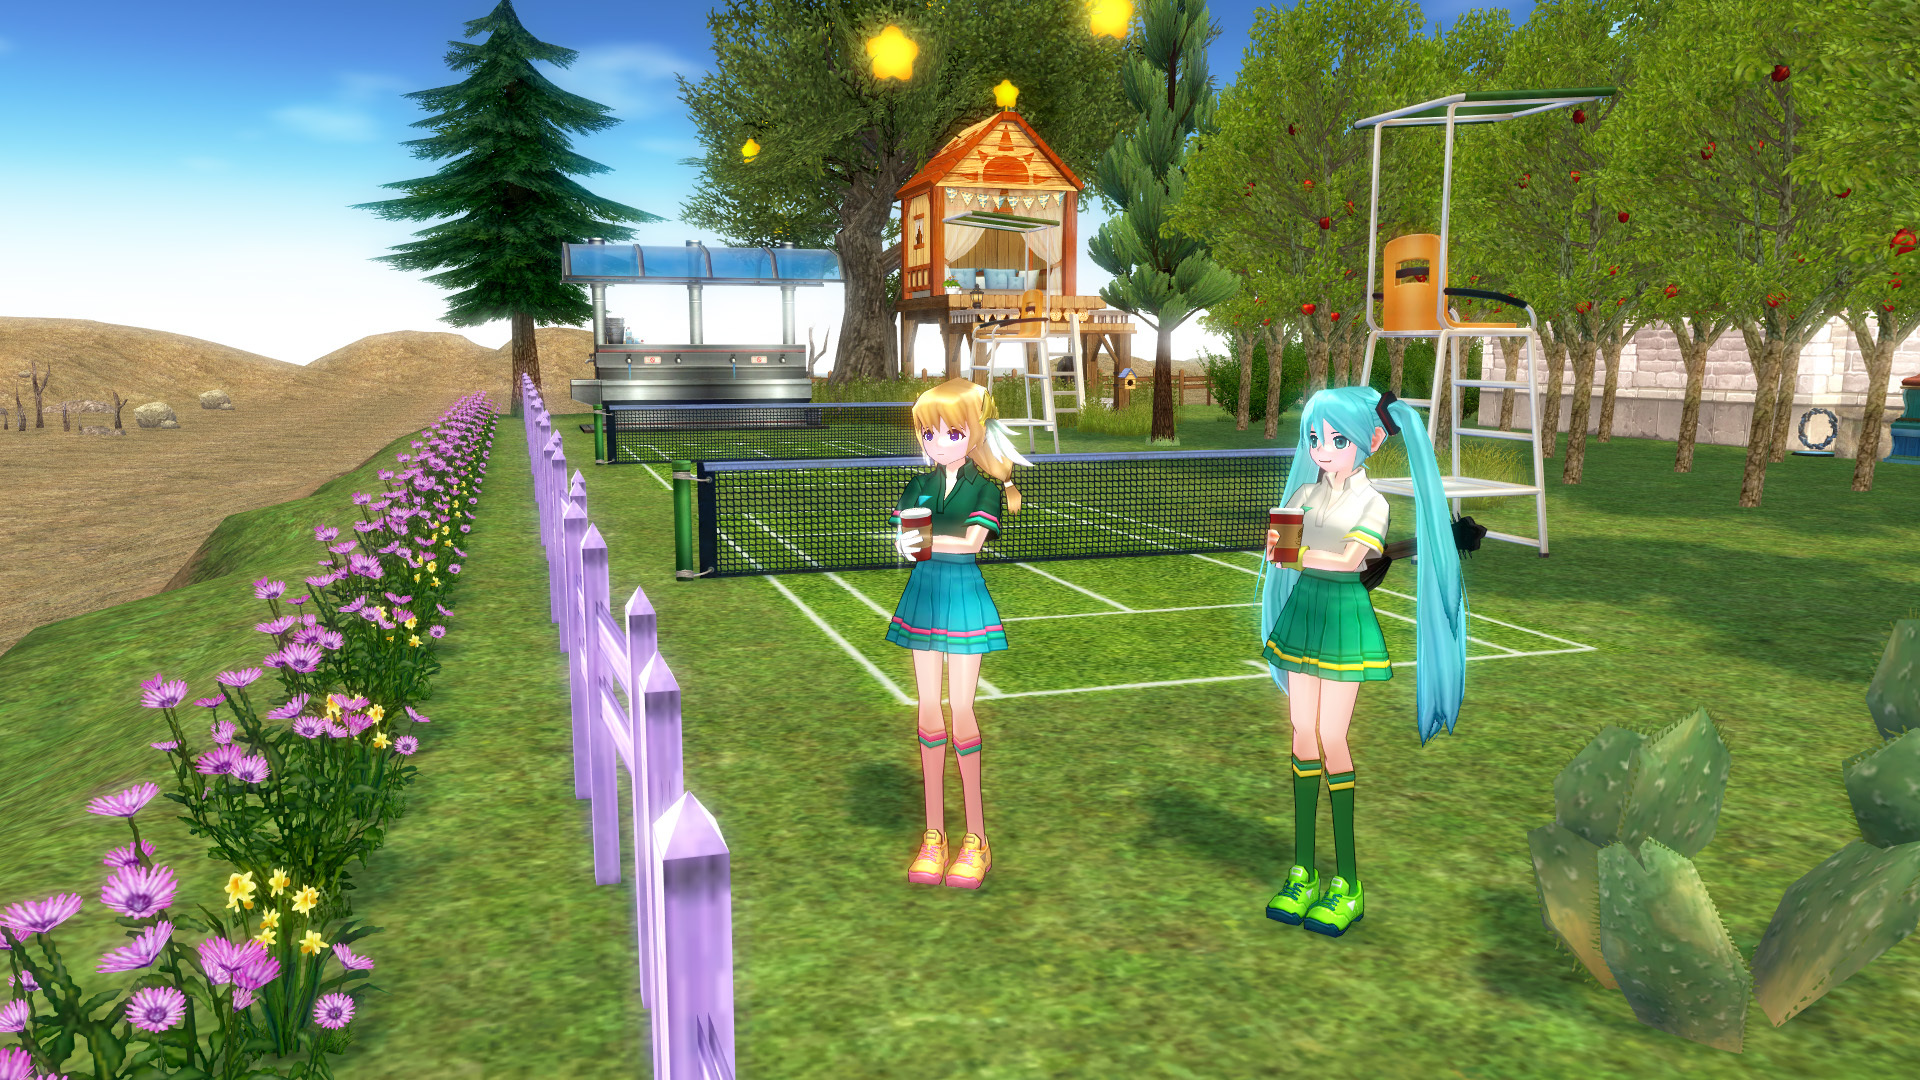 テニスコートとテニスウェア18